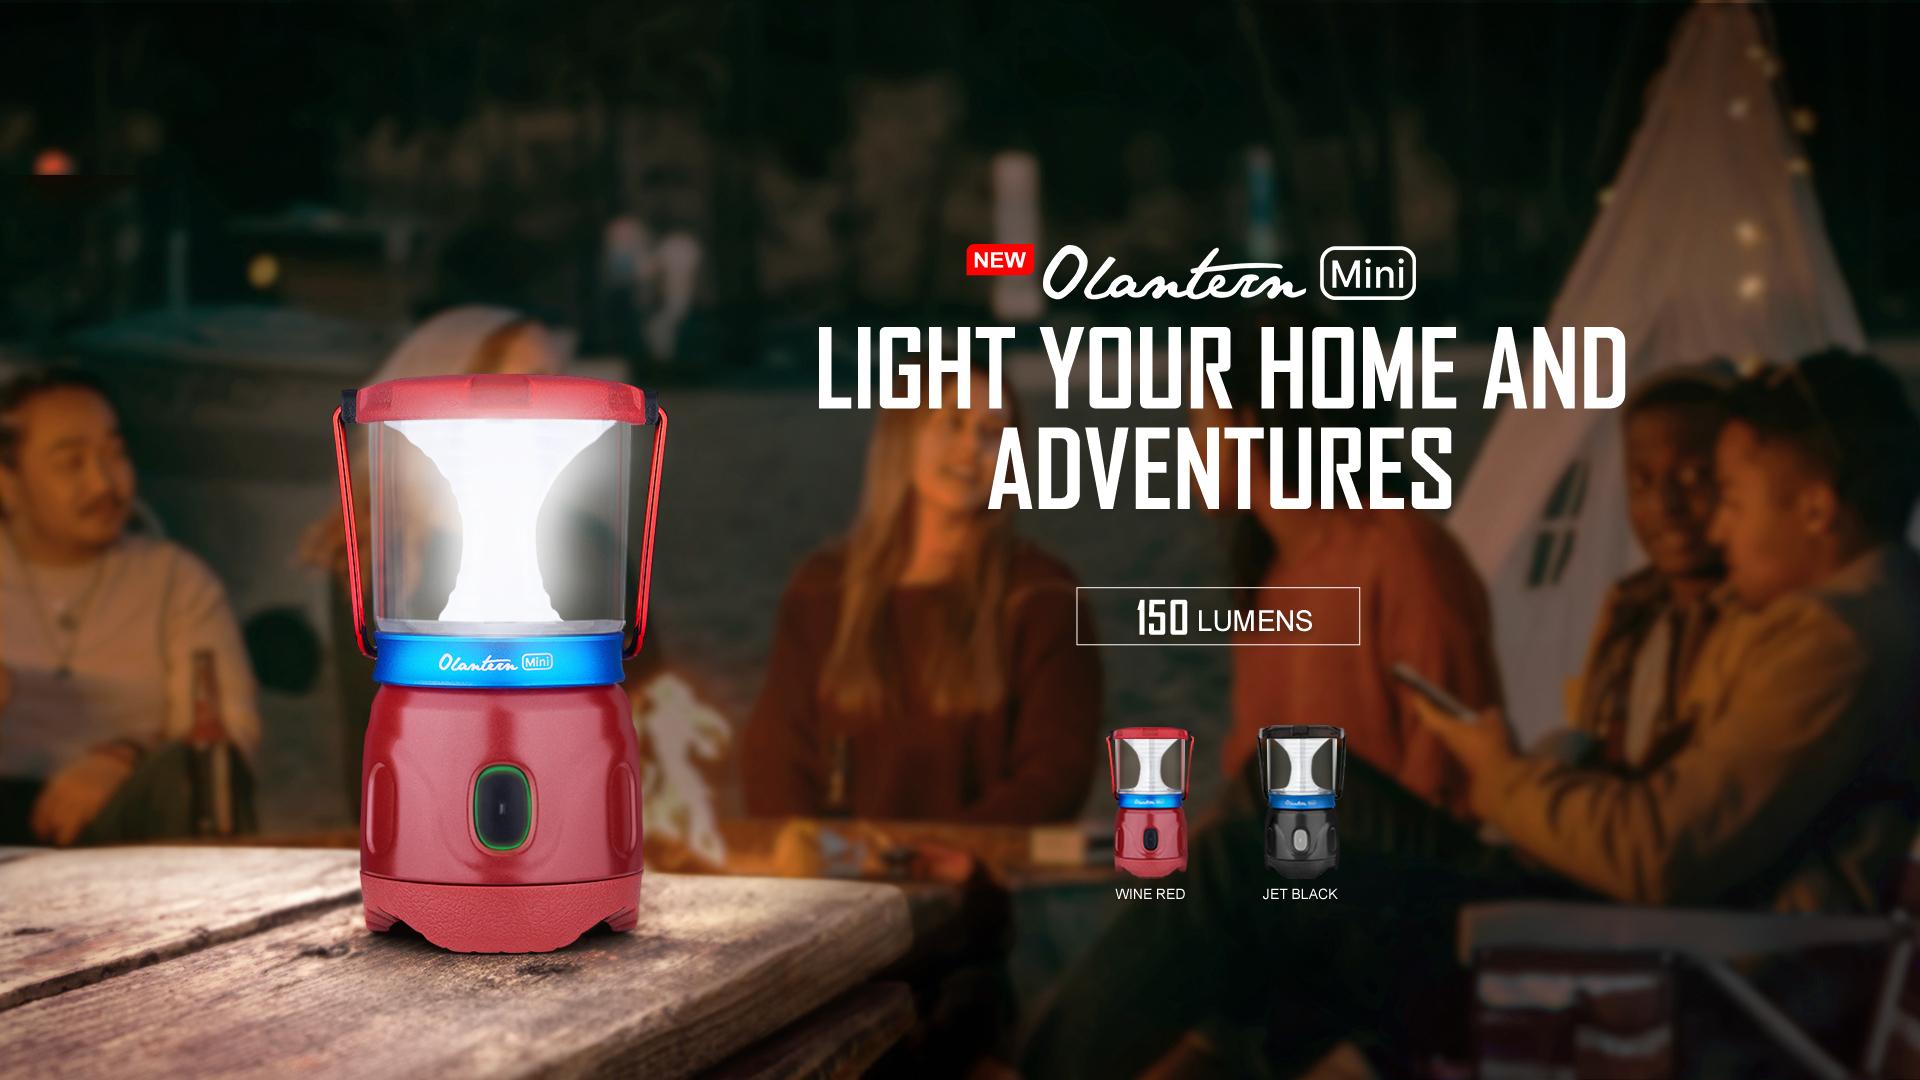 Olantern Mini Rechargeable Lantern